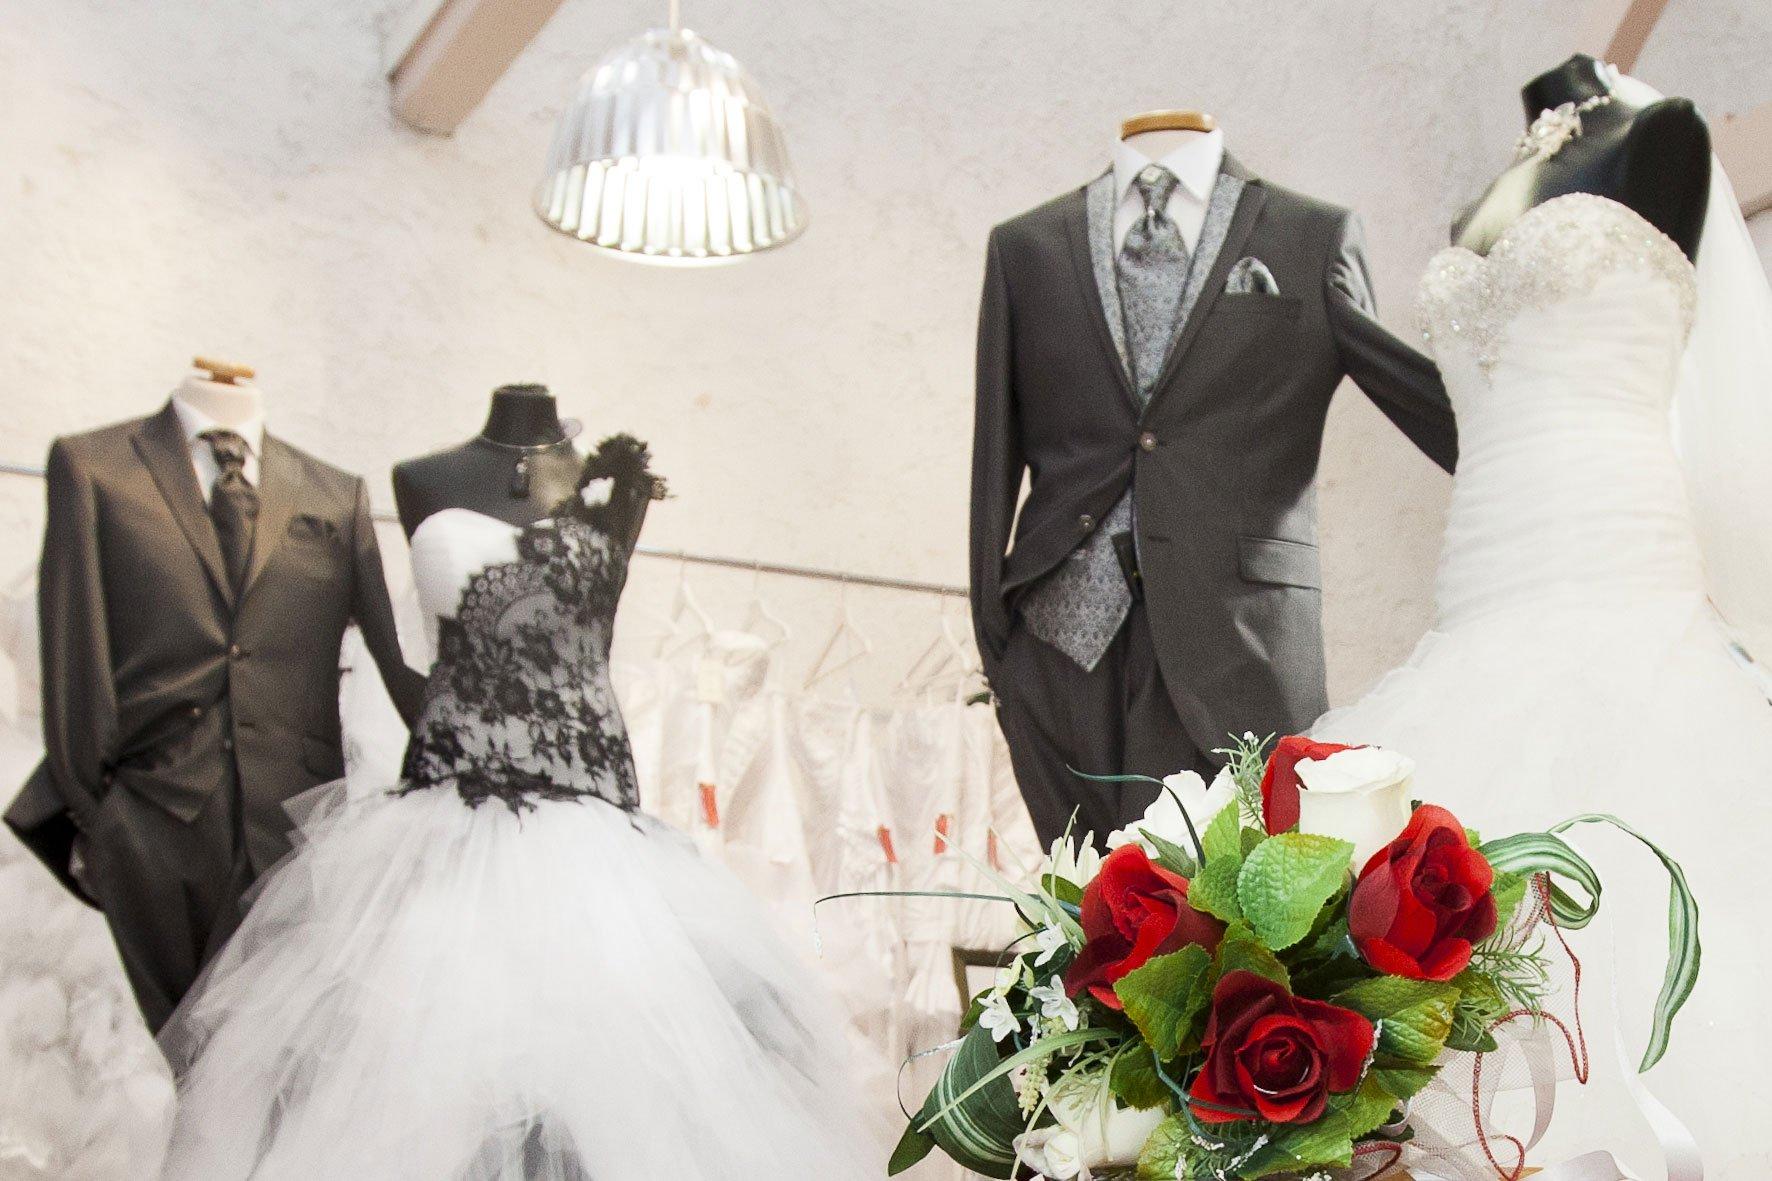 Magasin de mariage comment trouver tout ce qu 39 il vous faut for Quand les robes de mariage seront elles en vente